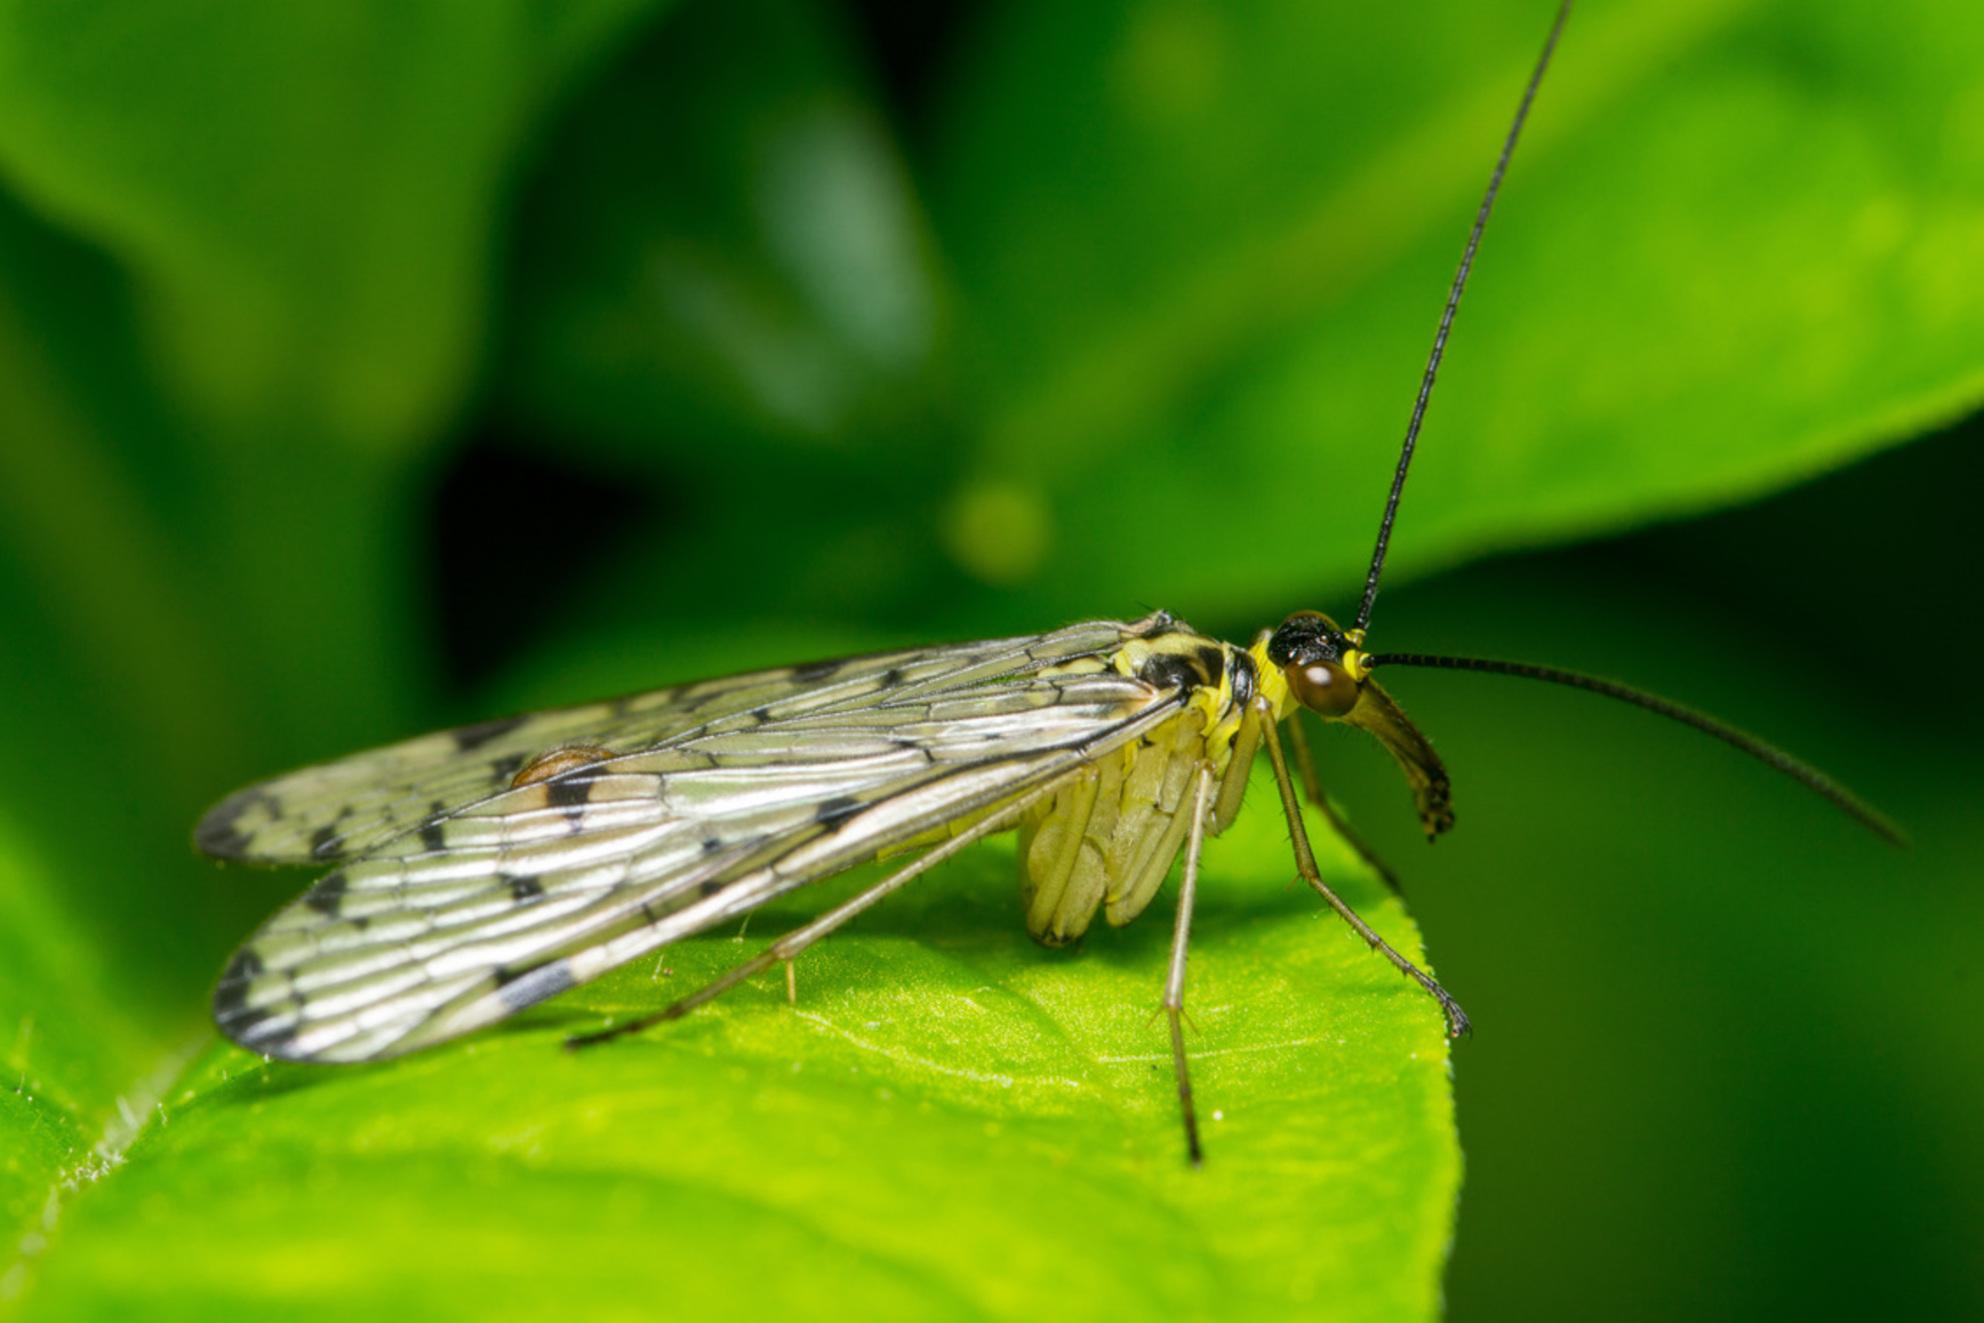 Vlieg met lange neus - Vlieg met lange neus die probeert warm te worden in de ochtend - foto door martin-60 op 30-04-2017 - deze foto bevat: groen, macro, lente, natuur, vlieg, bruin, tuin, insect, bokeh - Deze foto mag gebruikt worden in een Zoom.nl publicatie